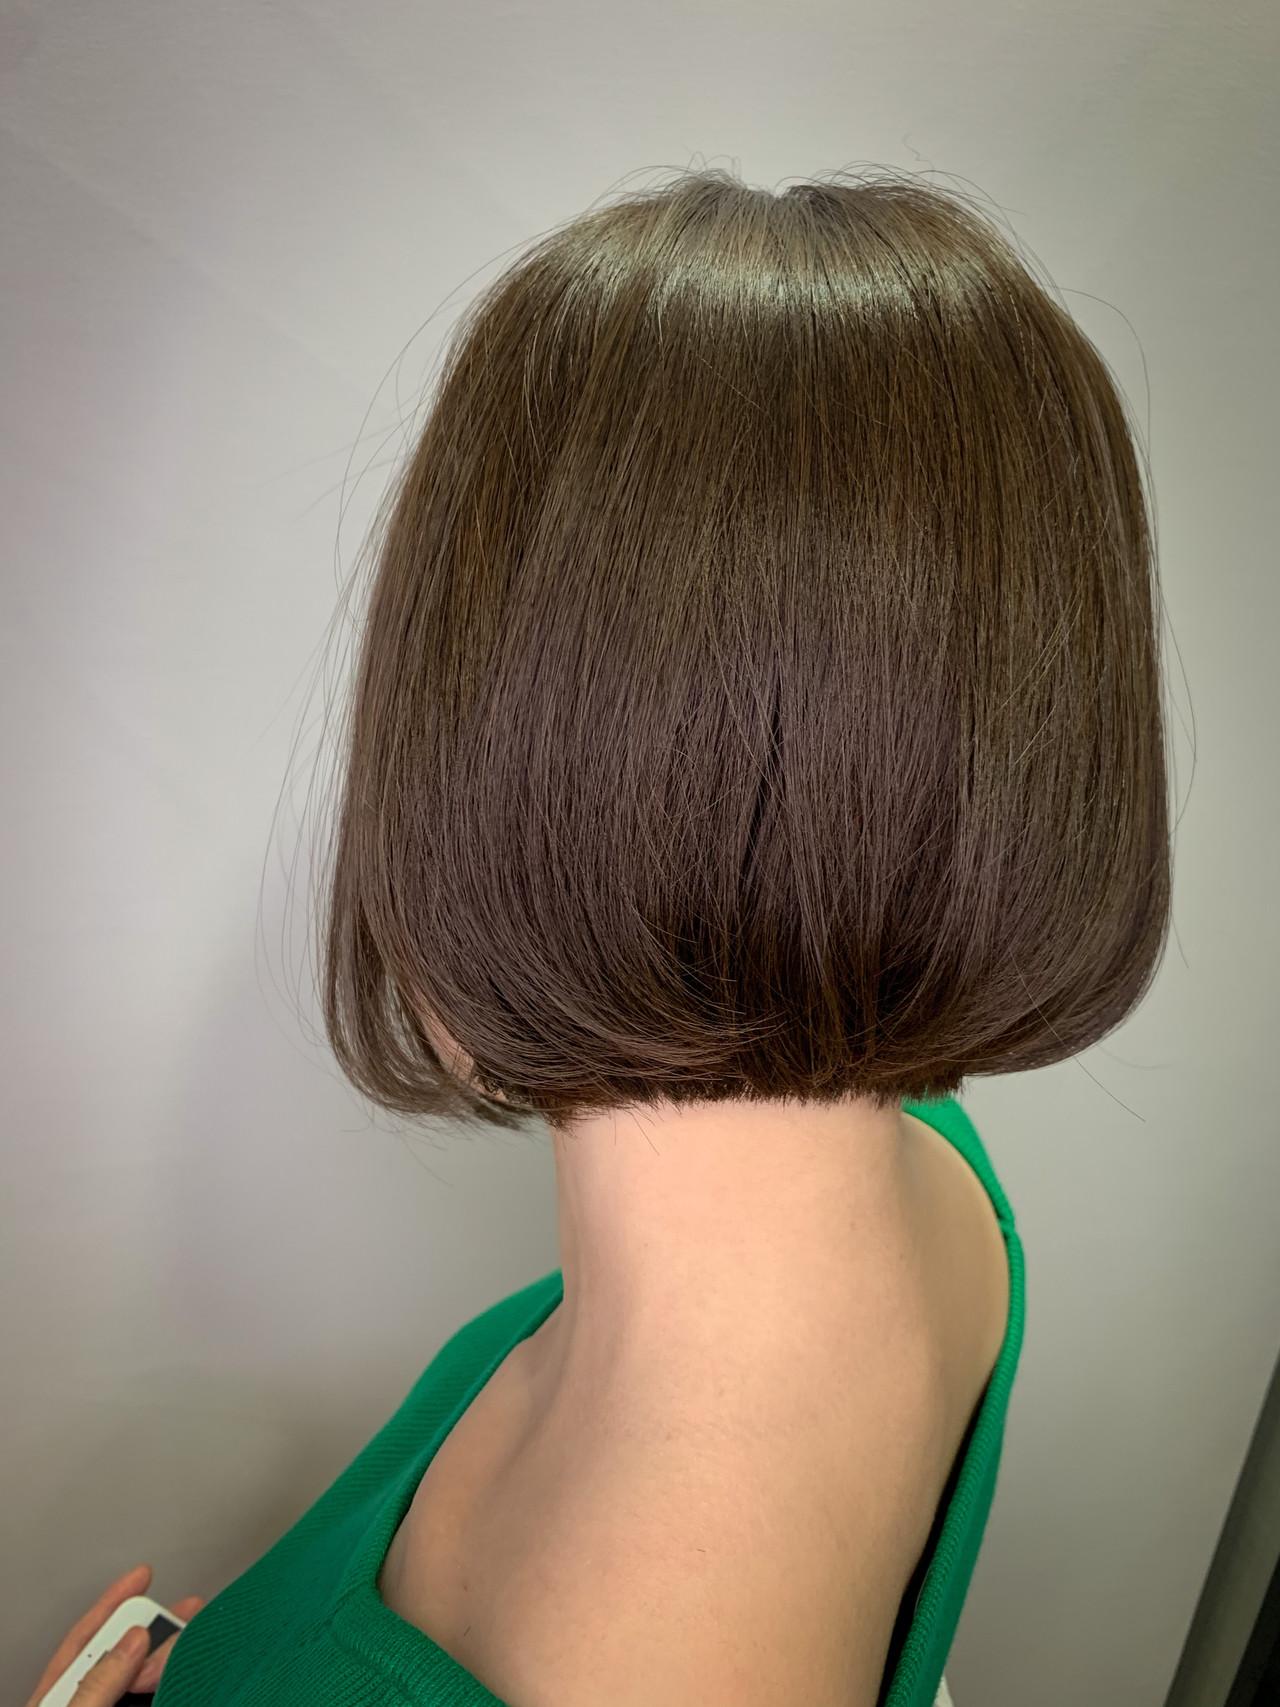 切りっぱなしボブ ショートヘア ナチュラル ミニボブ ヘアスタイルや髪型の写真・画像 | 川崎雄三 / 株式会社 L